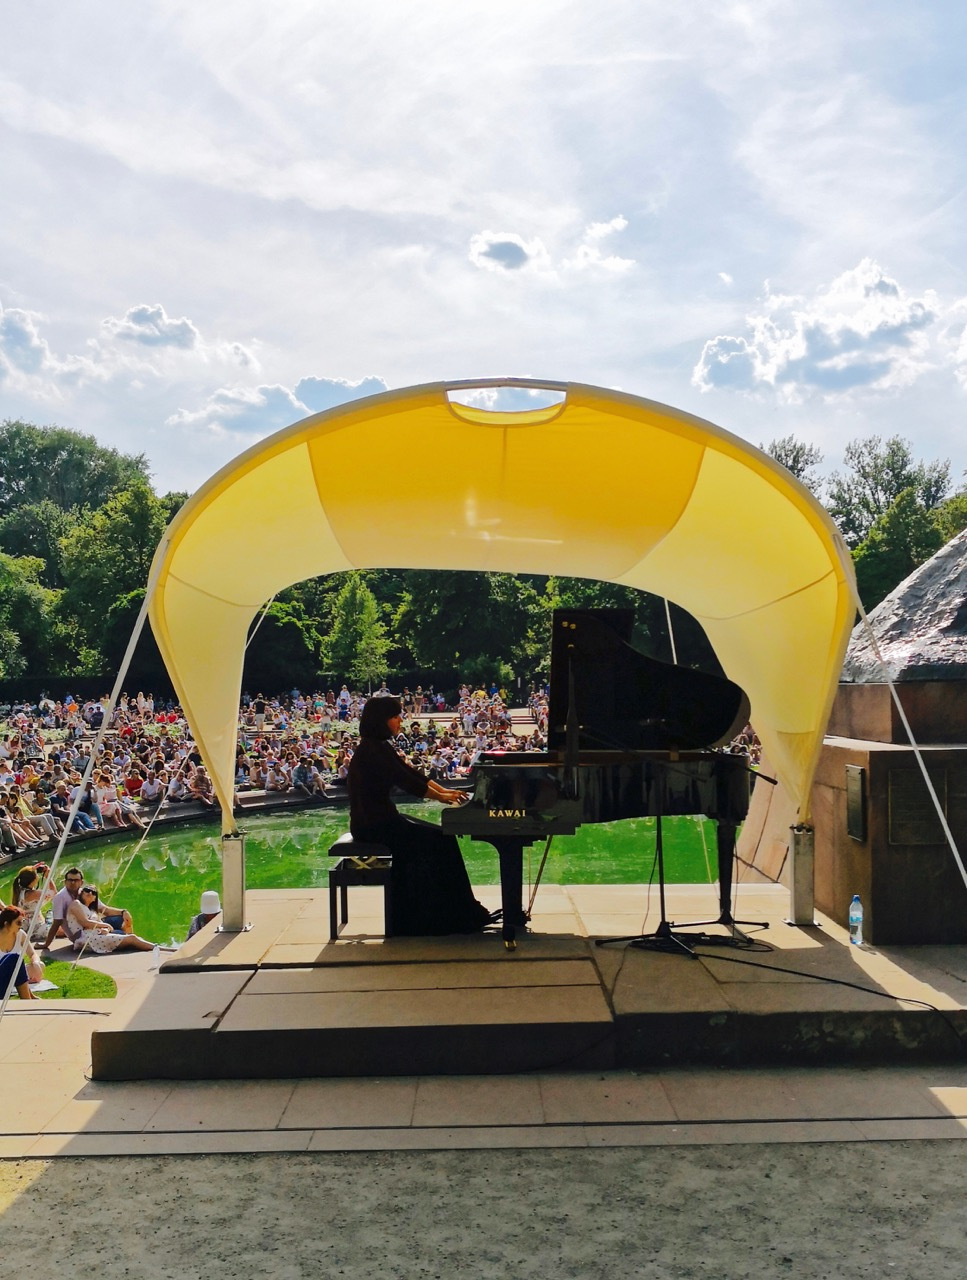 波兰图集:烈日下的露天音乐会,波兰人有多爱肖邦啊